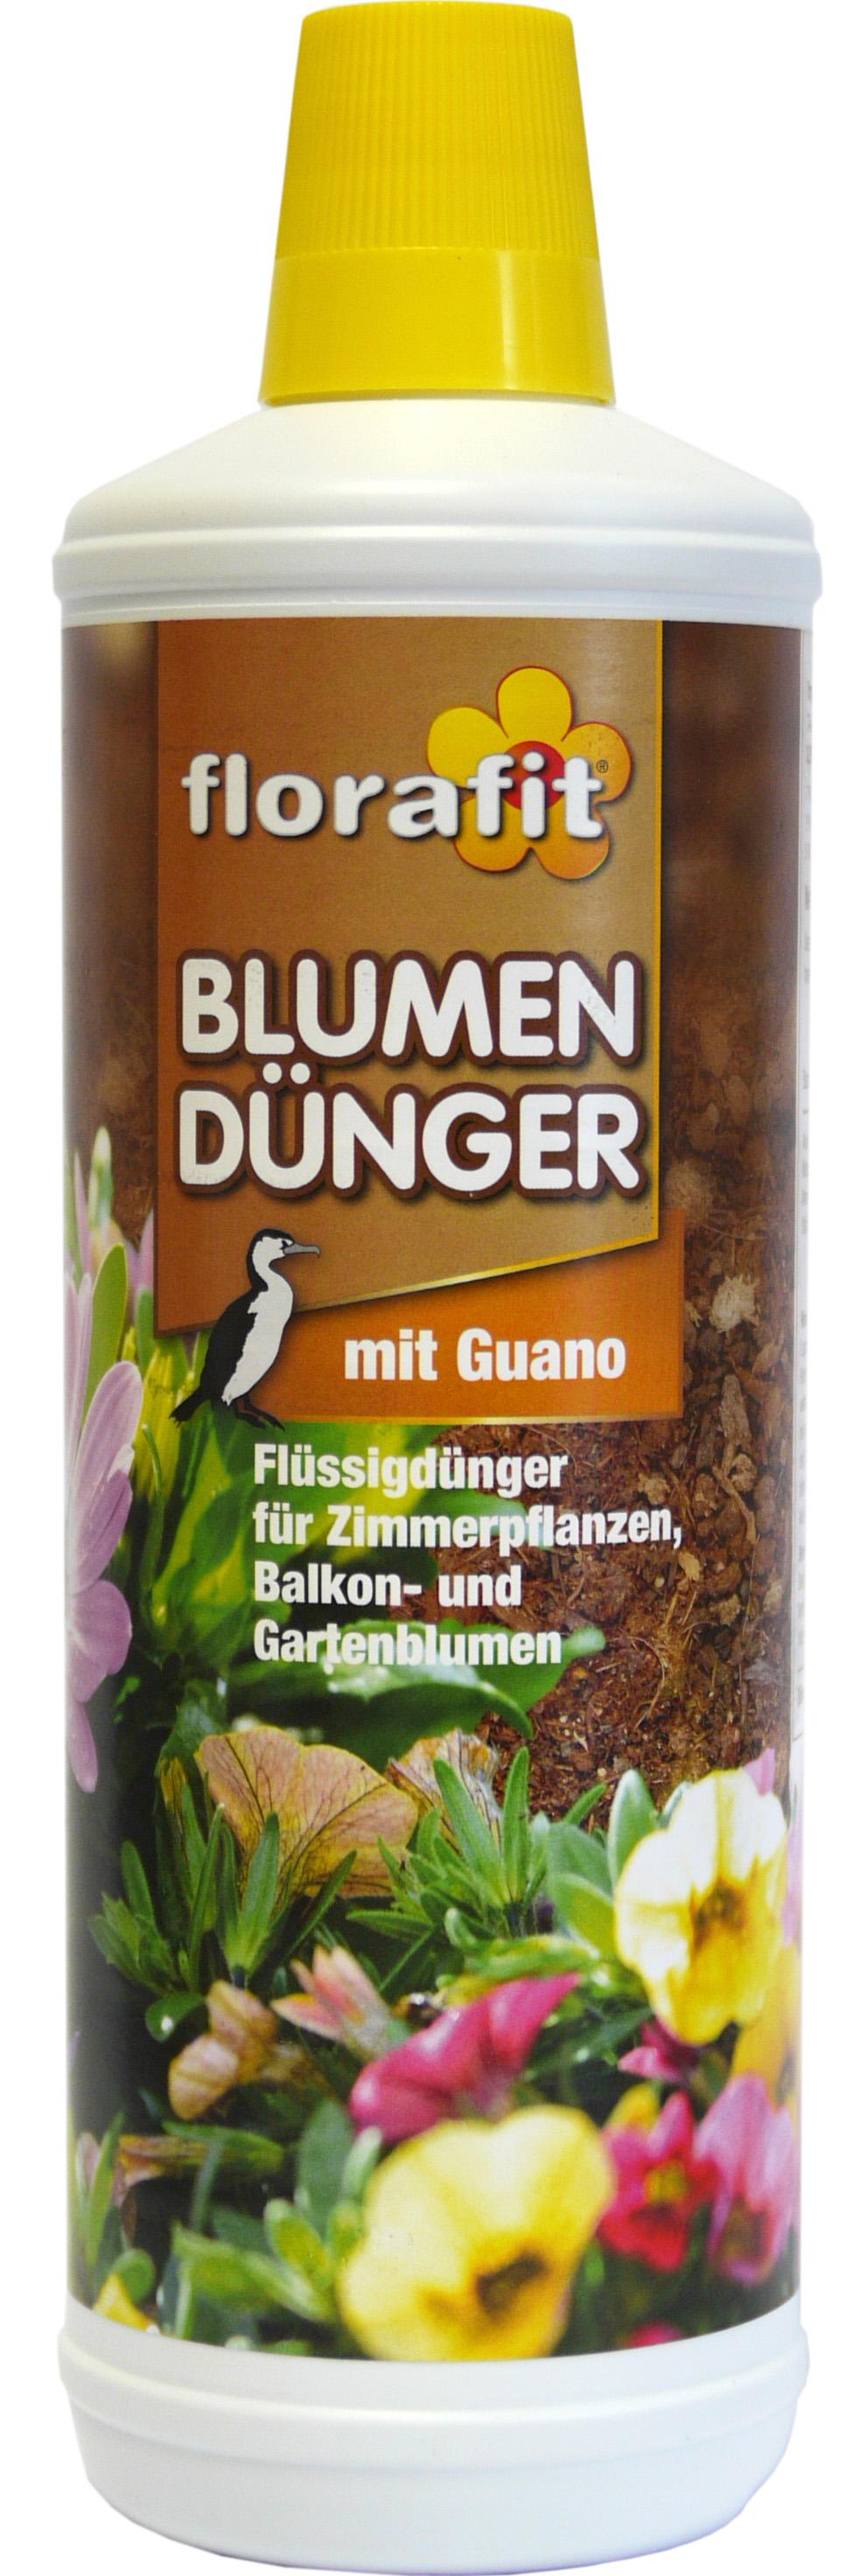 02210 - florafit Blumendünger 1000 ml -mit Guano-